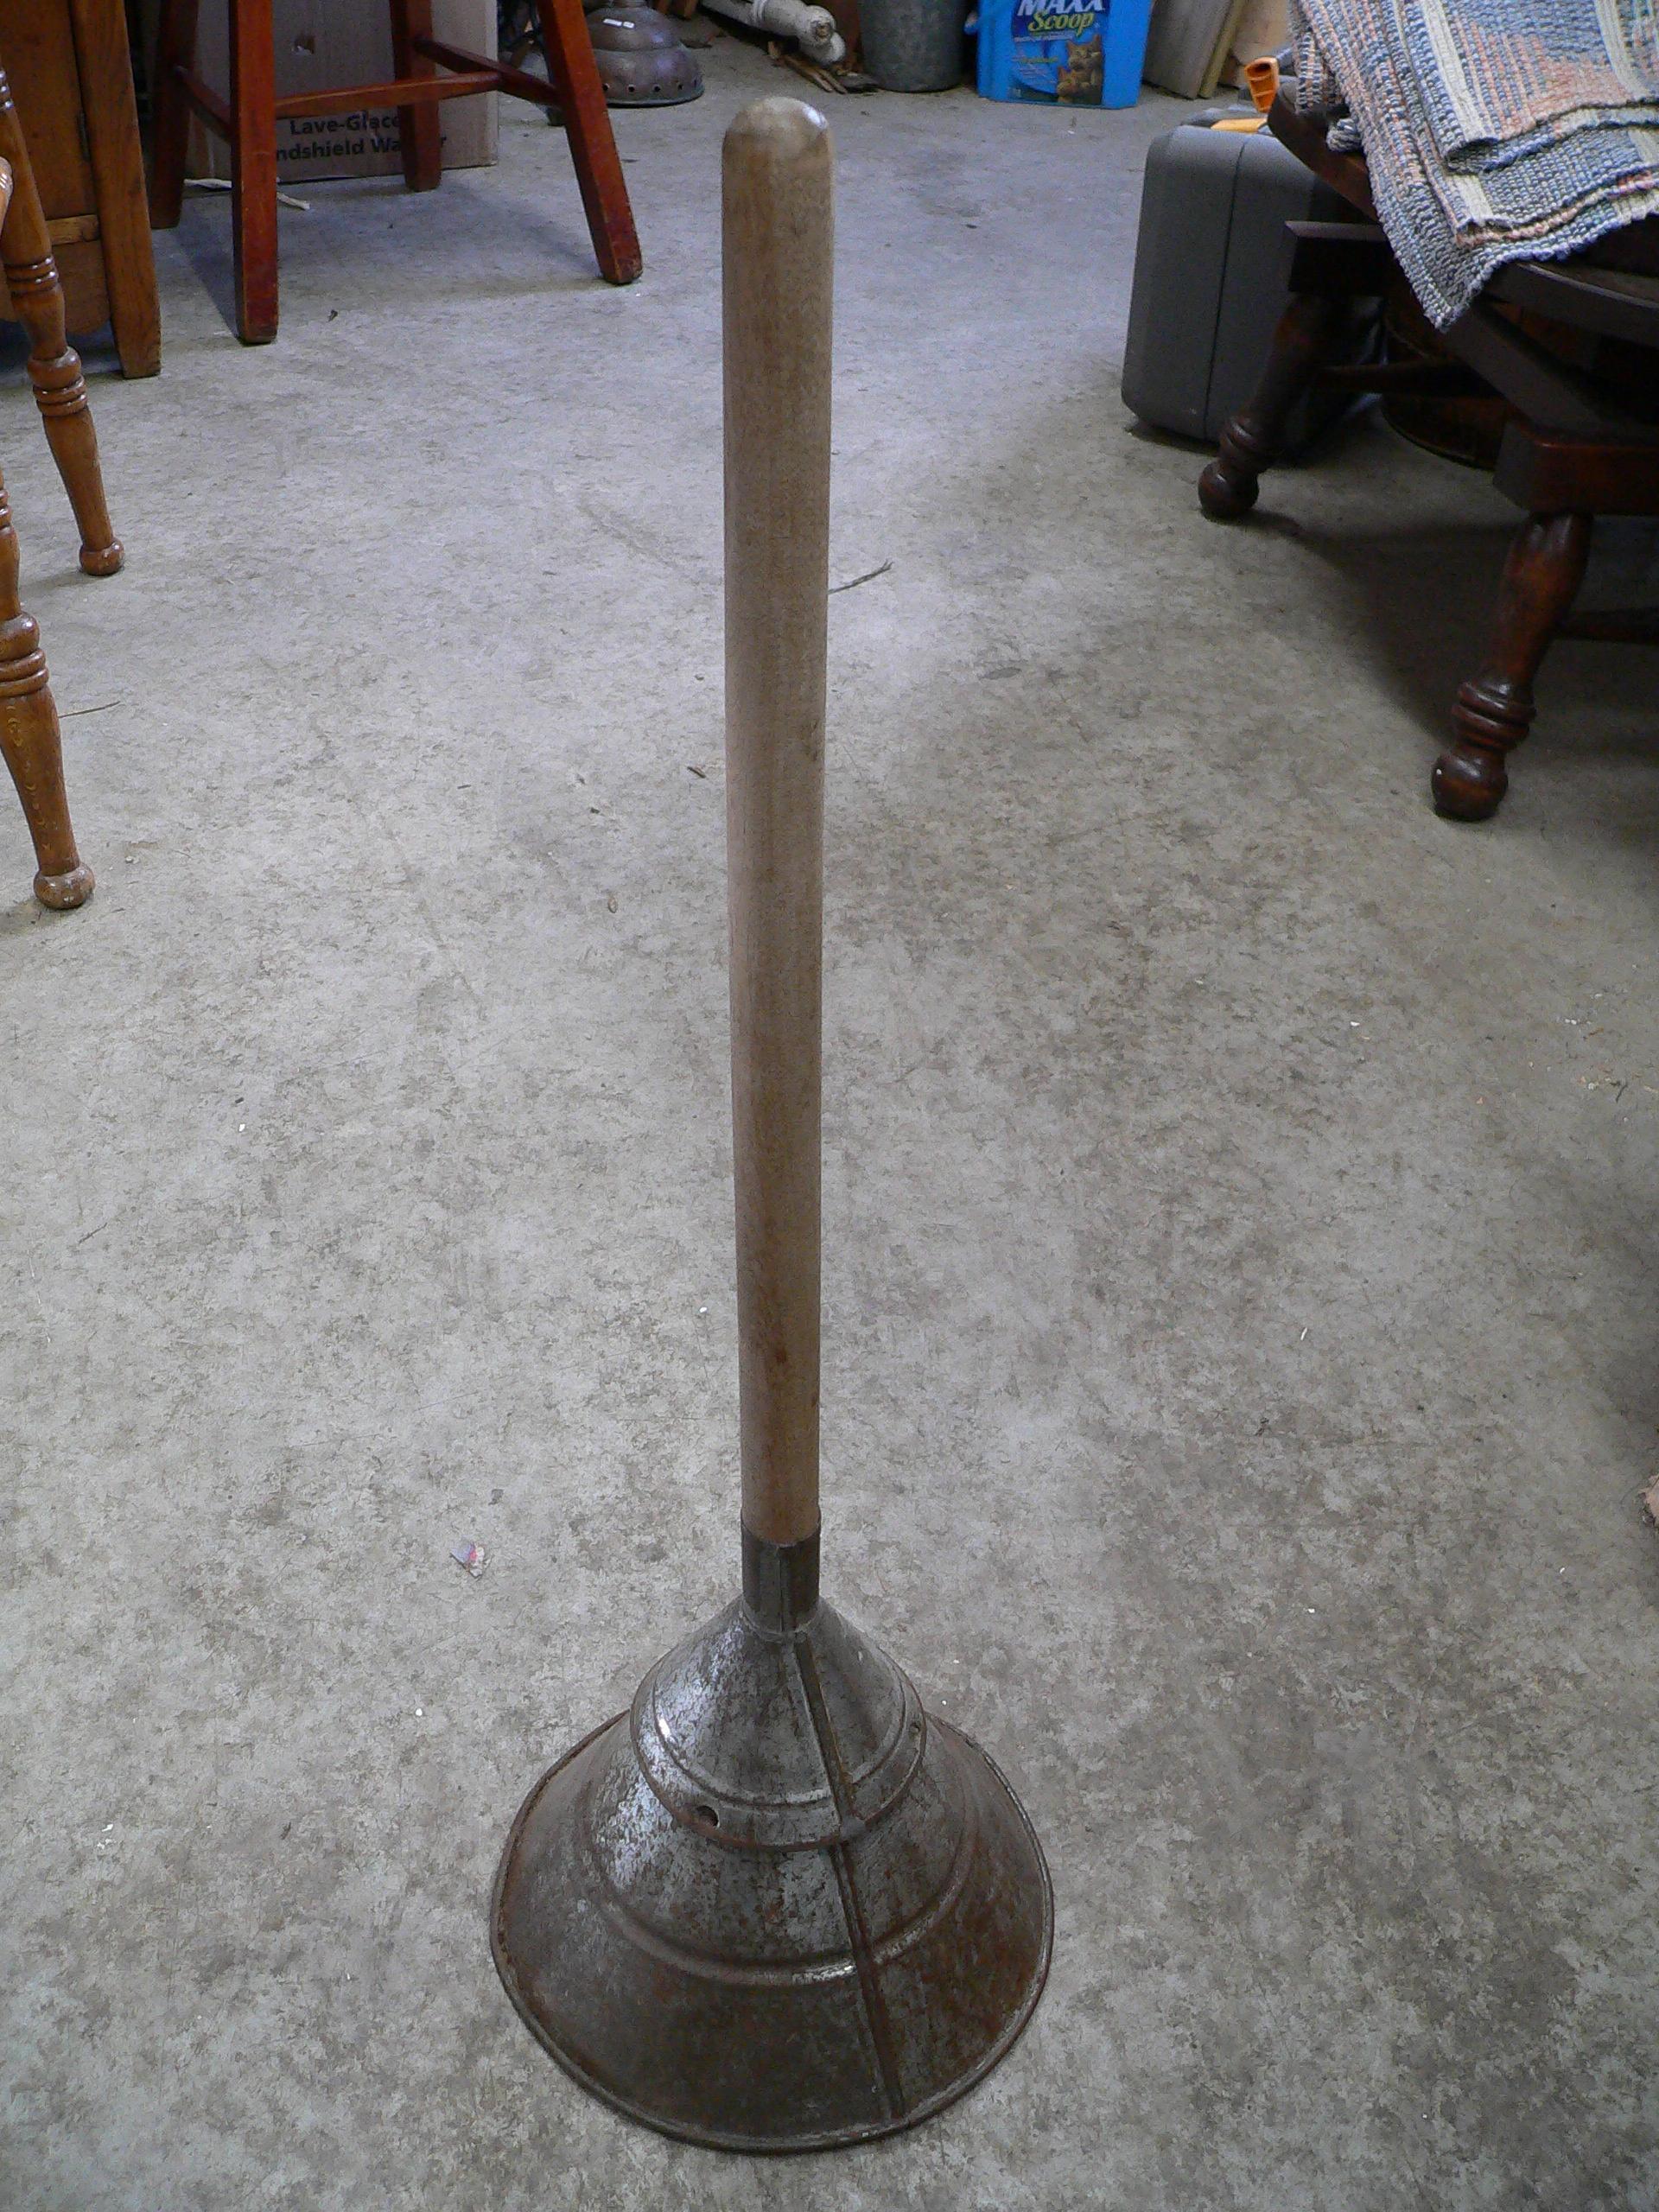 Bâton pour laver le linge # 6134.2